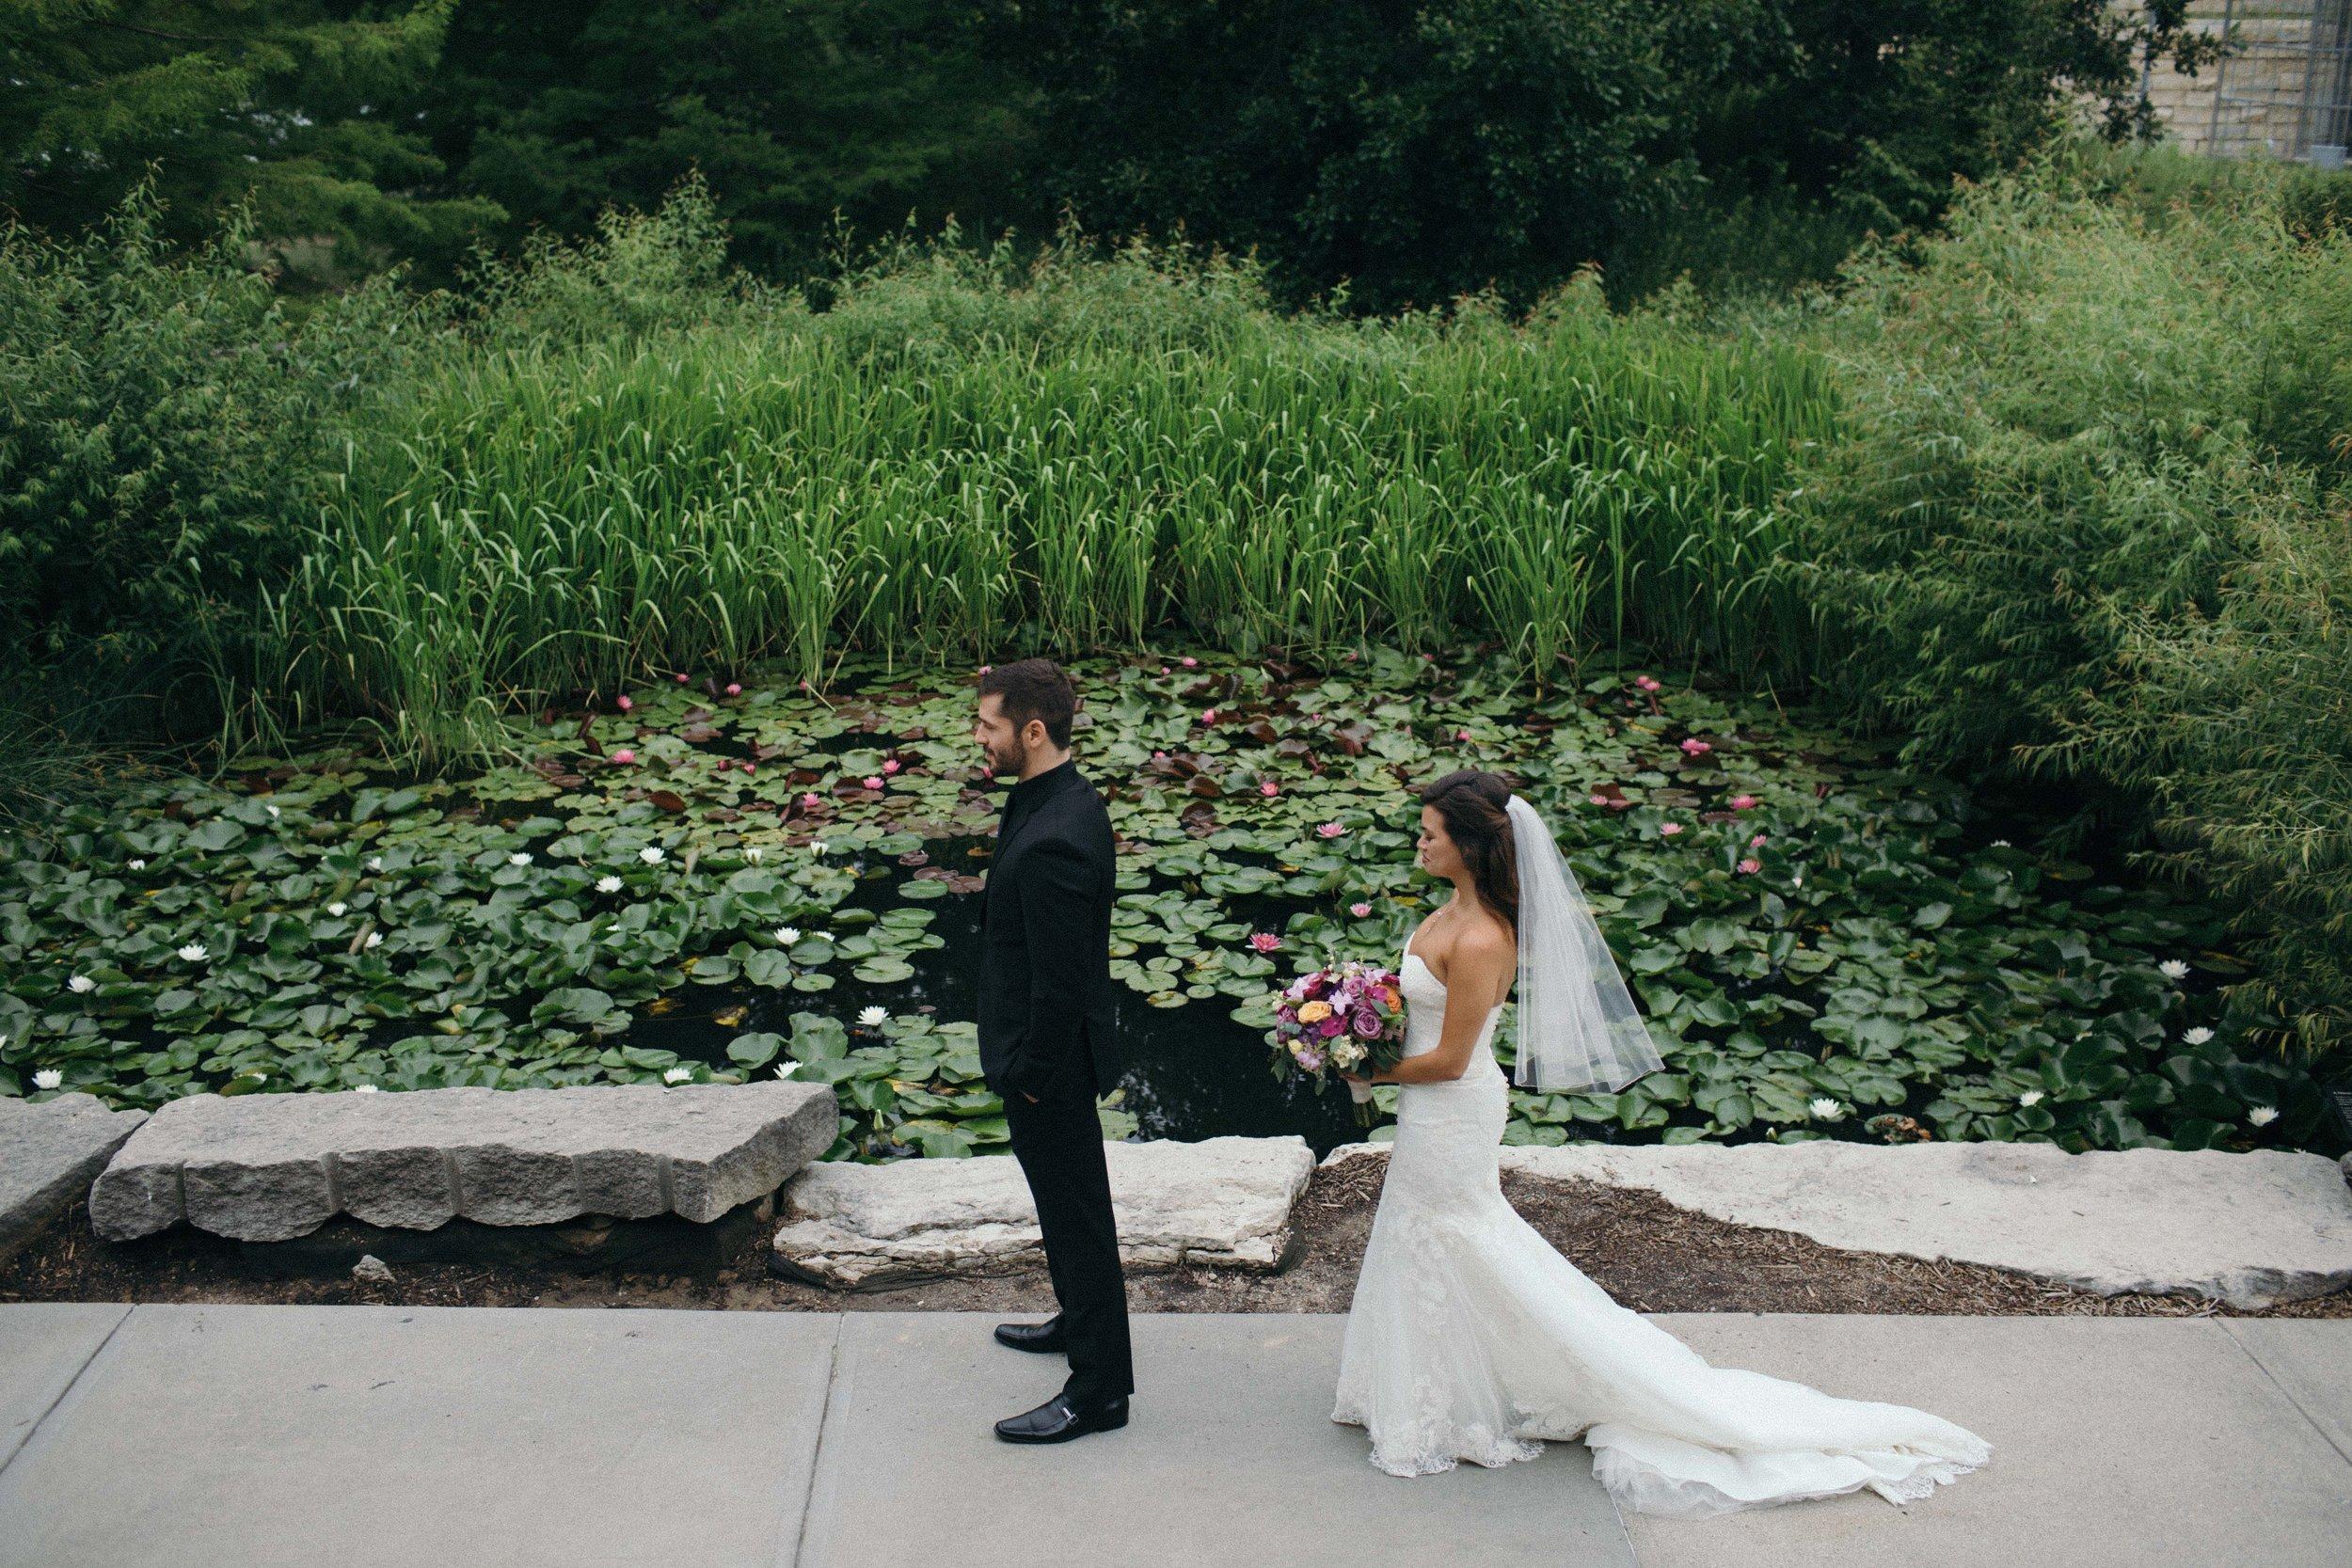 breann-andrew-wedding-blog-80.jpg